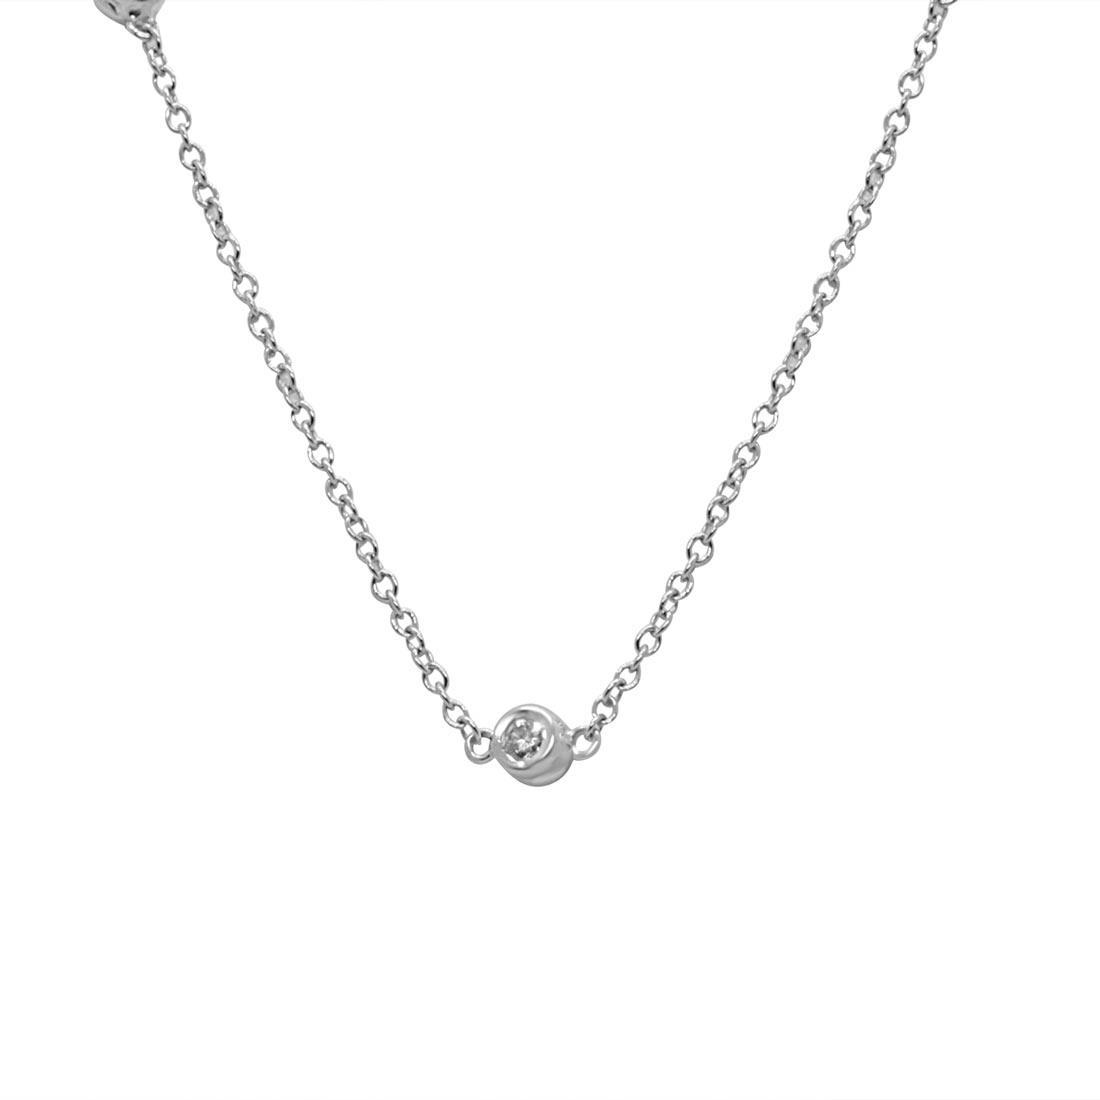 Collier in oro bianco con diamanti 0,30 ct - ORO&CO